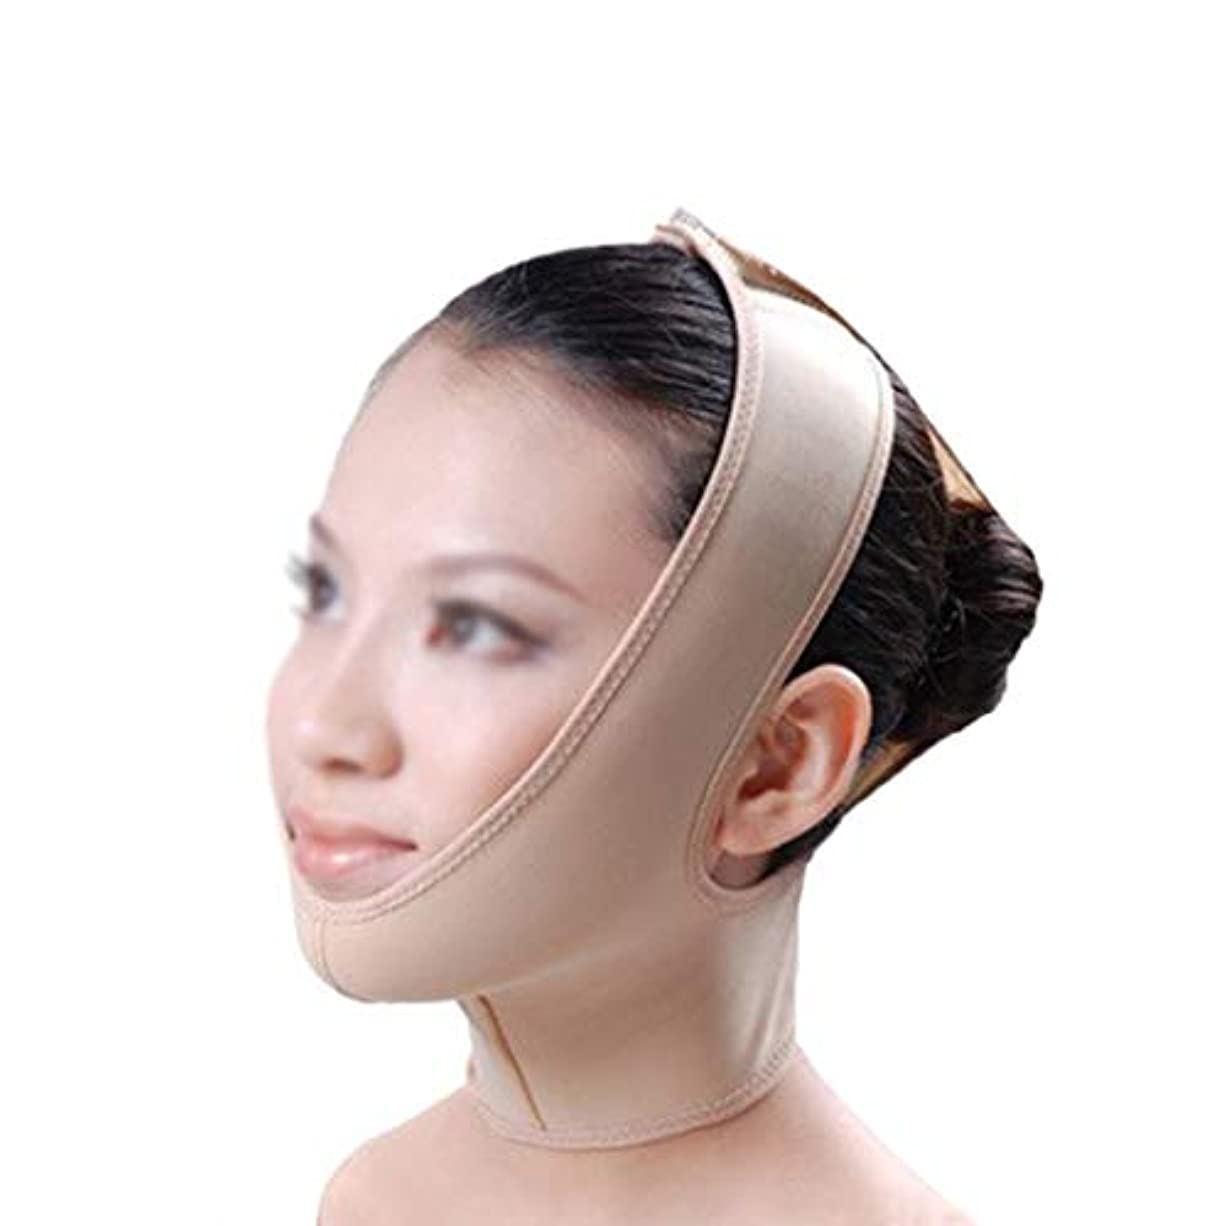 統治するラリーバレエダブルチンストラップ、包帯リフト、引き締めフェイシャルリフト、フェイシャル減量マスク、リフティングスキン包帯,男性と女性の両方が使用できます (Size : M)